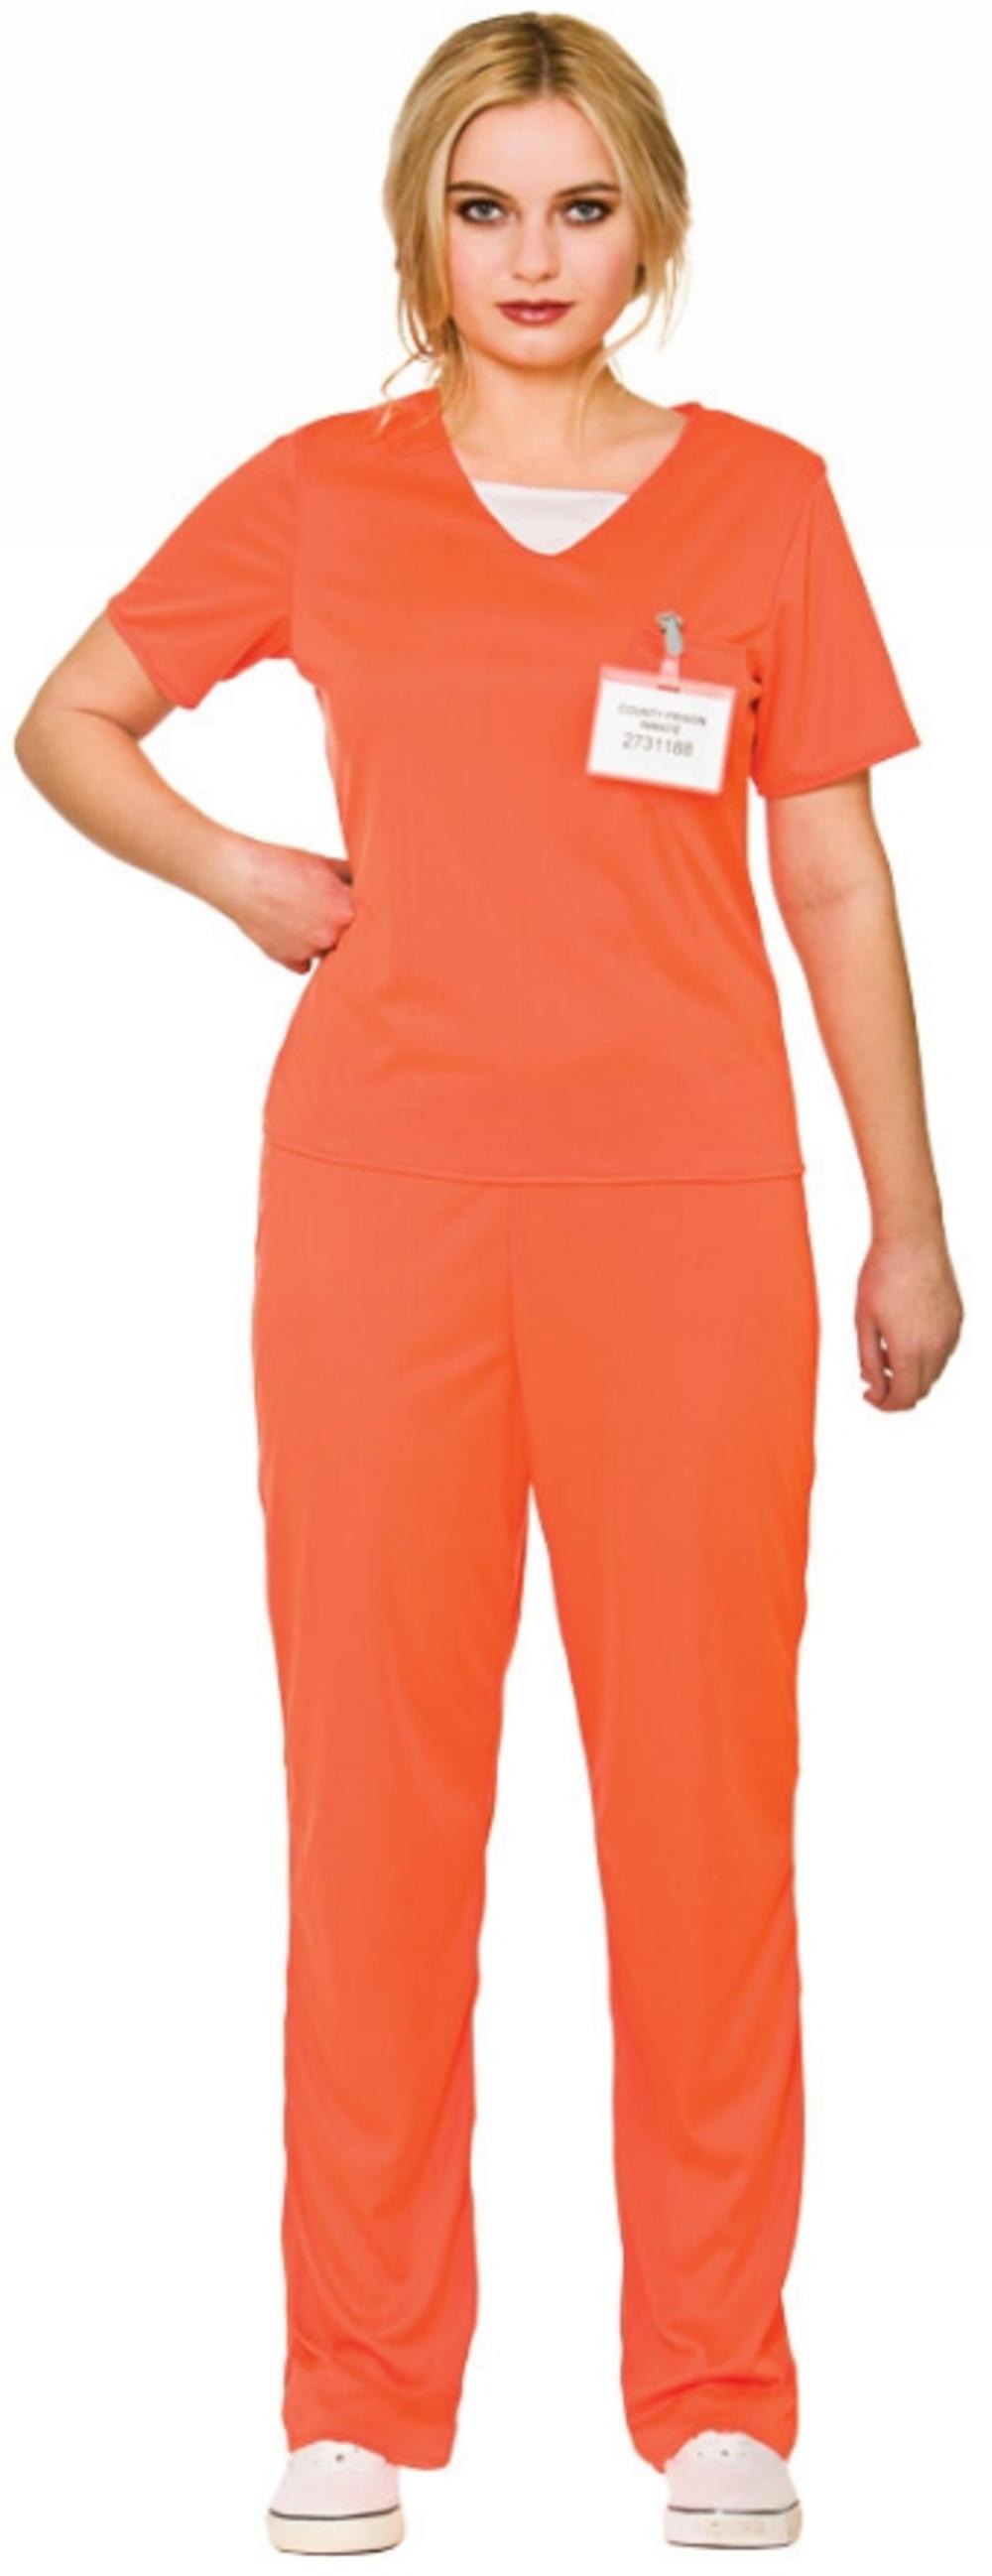 Orange Convict Ladies Fancy Dress Prisoner Uniform Adults Womens Costume Outfit